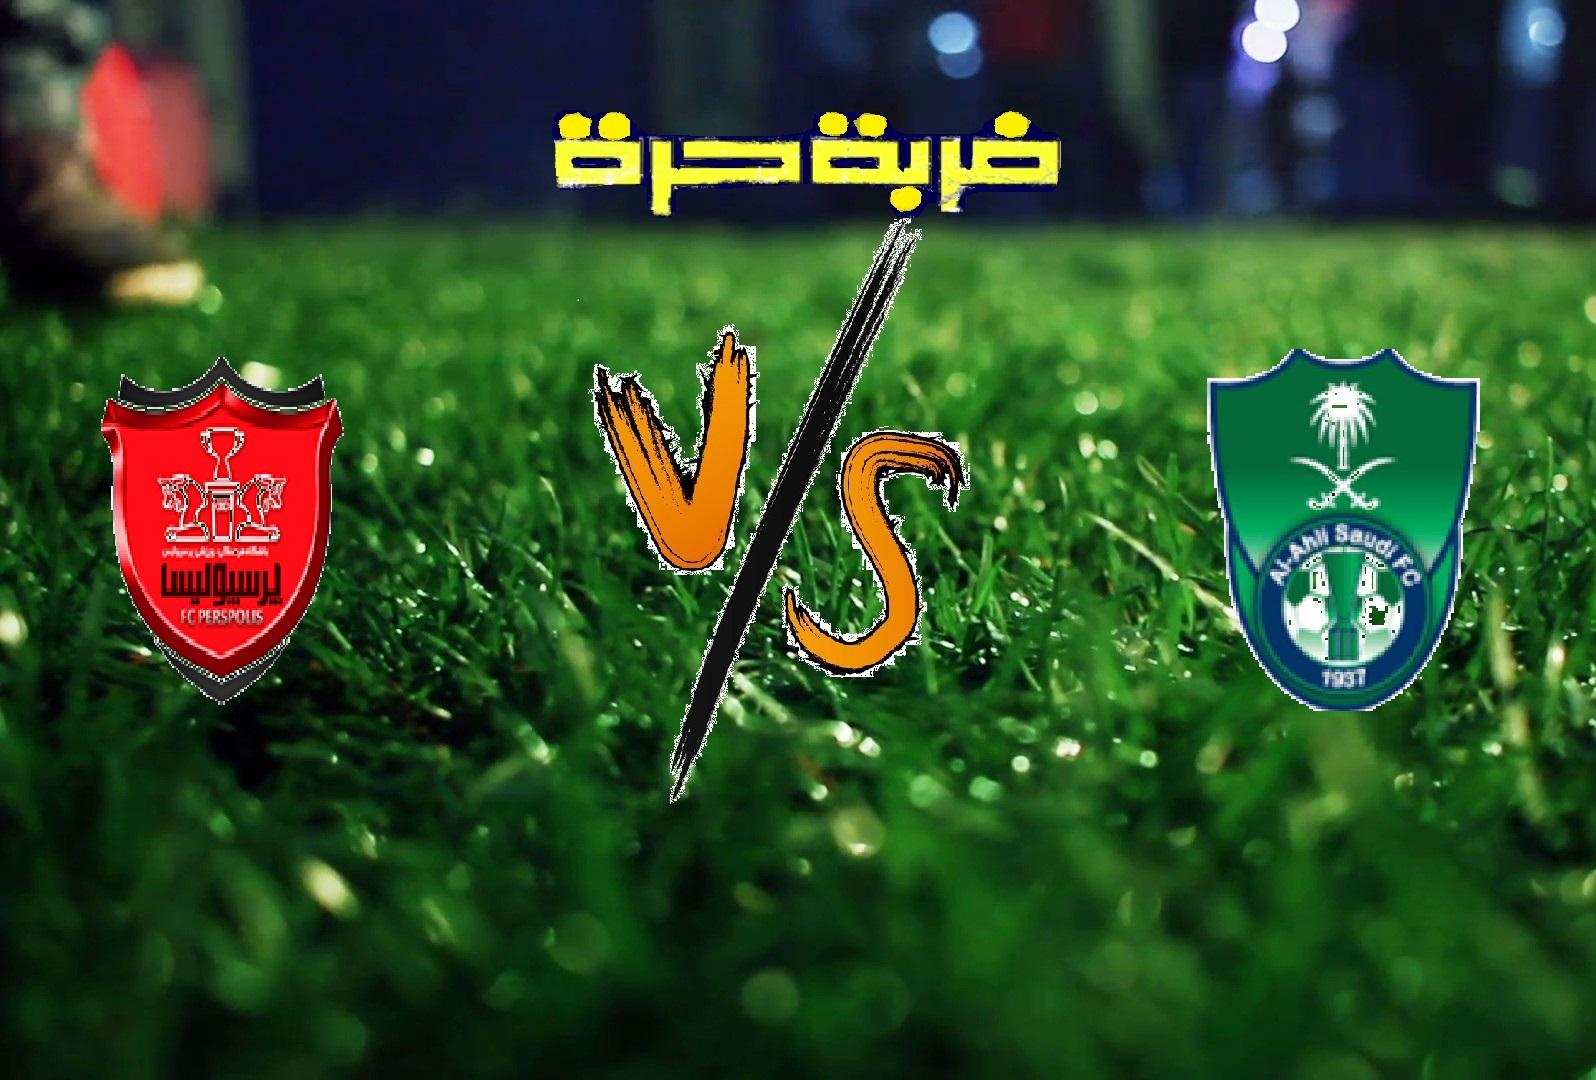 بيرسبوليس يفوز على الاهلي السعودي بهدفين دون رد في الجولة الثالثة من بطولة دوري أبطال آسيا